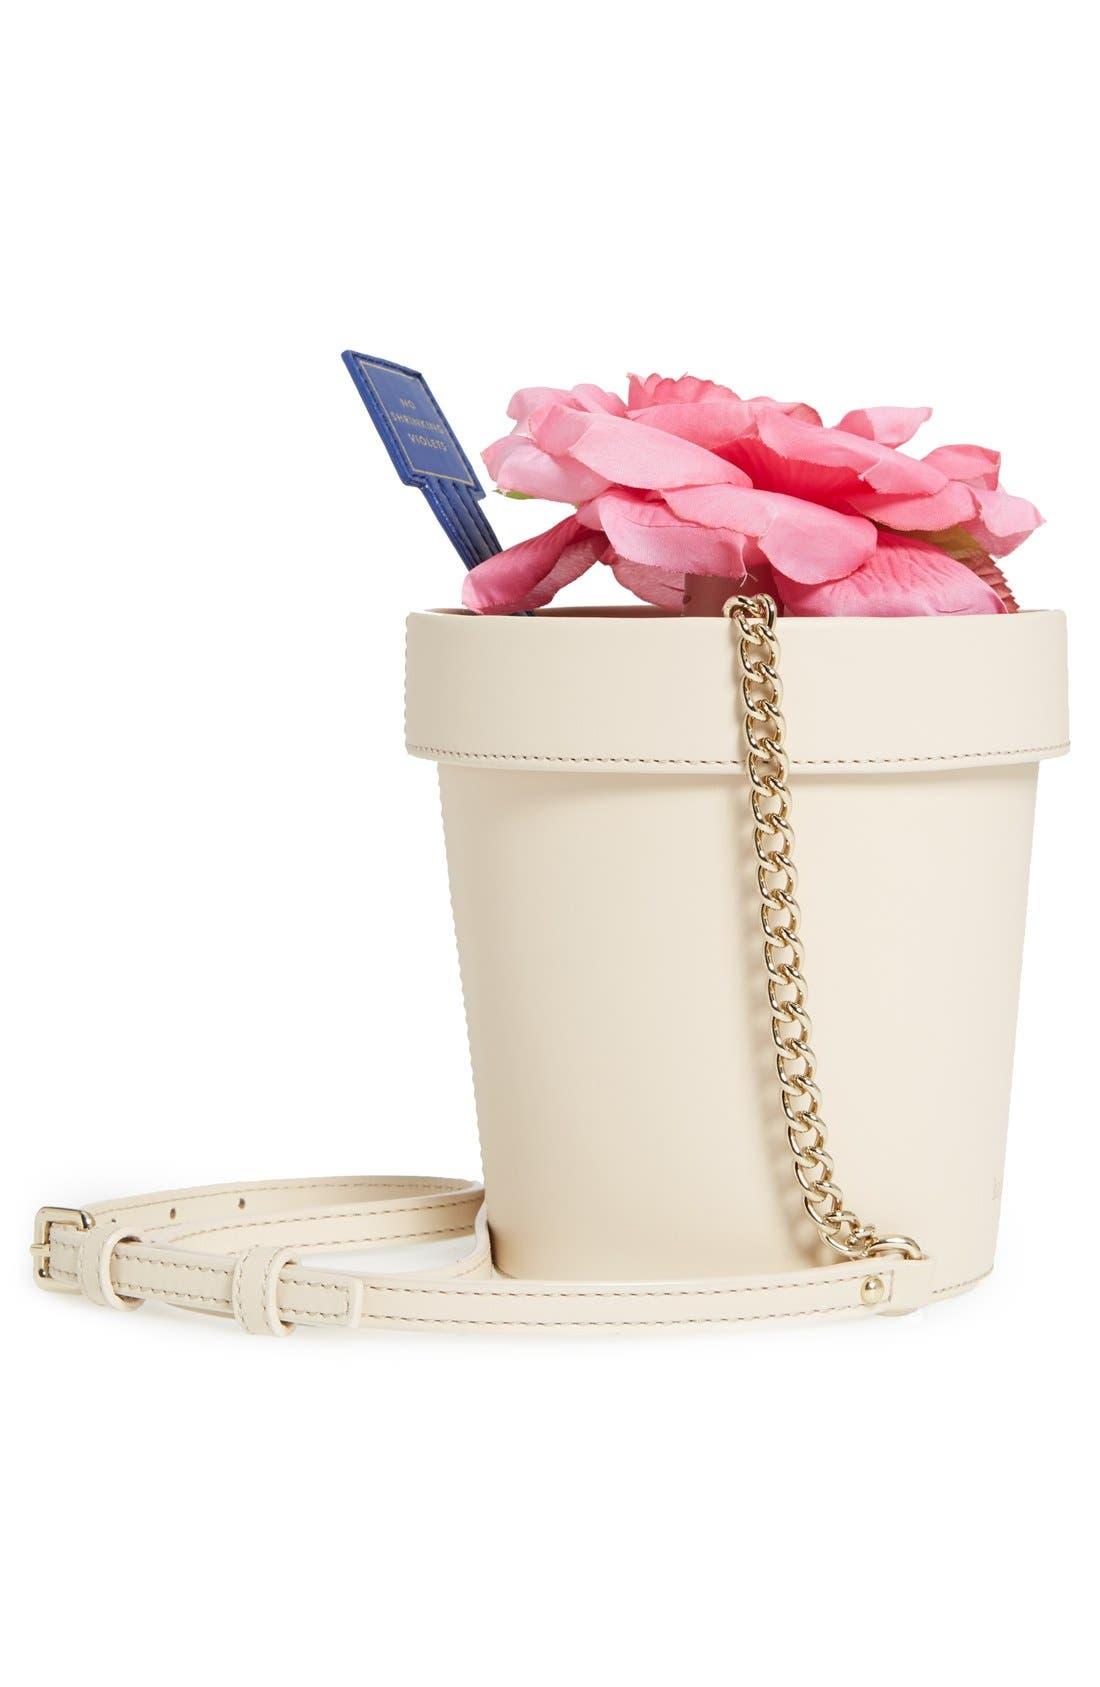 KATE SPADE NEW YORK, 'spring forward - flowerpot' crossbody bag, Alternate thumbnail 2, color, 100